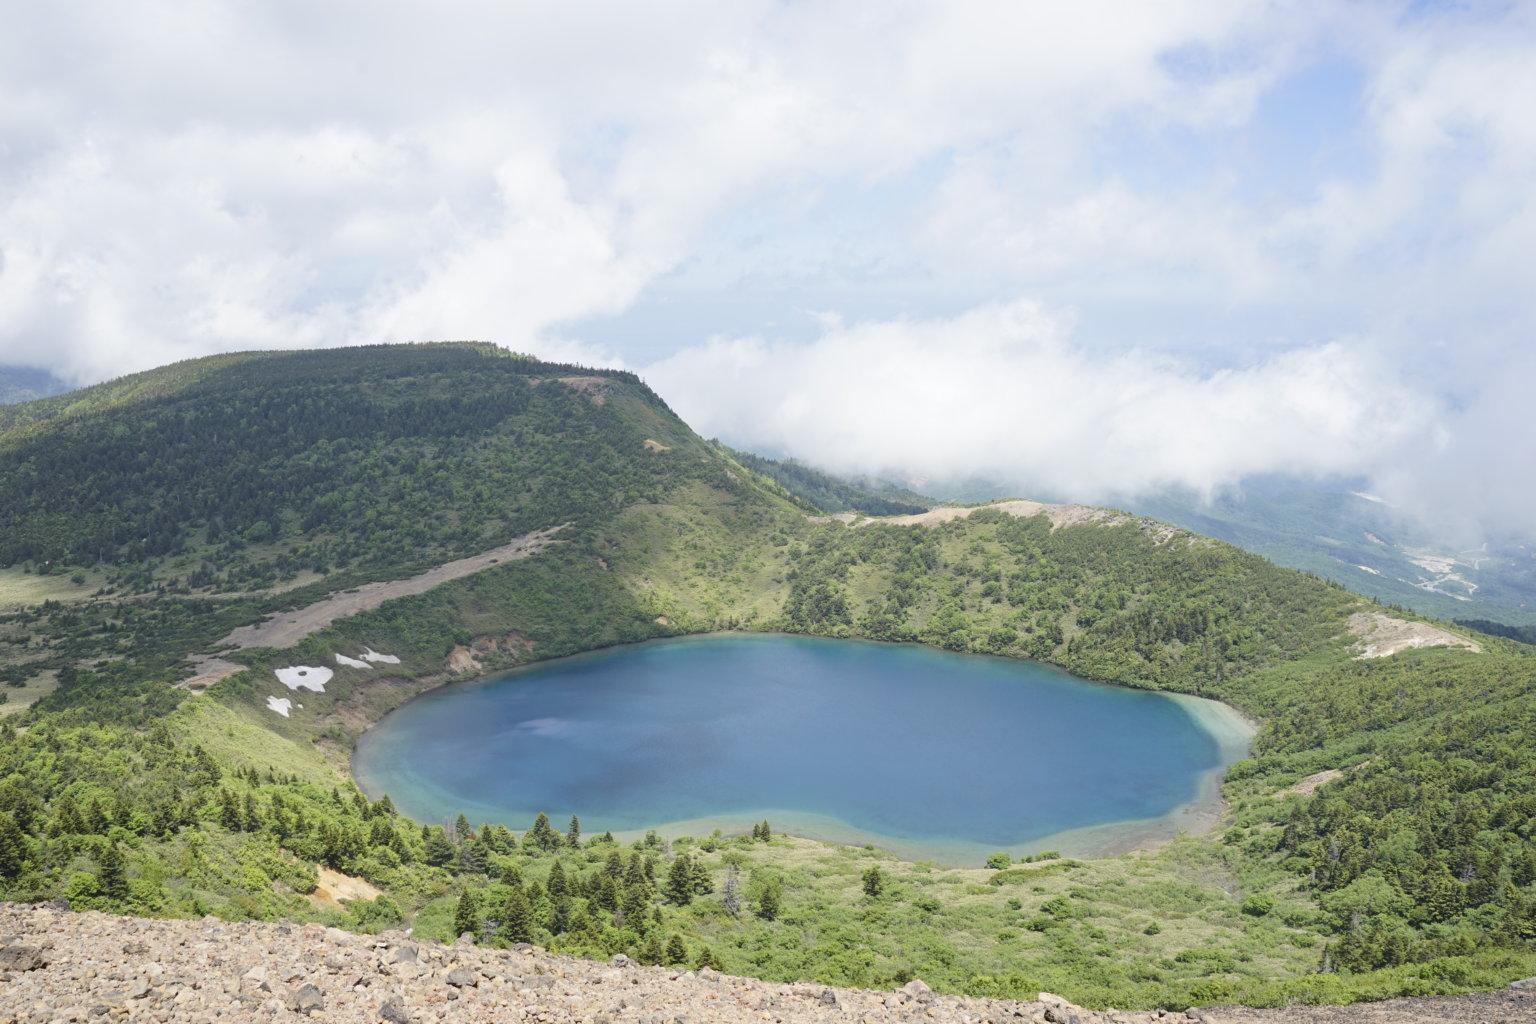 DSC8673 1536x1024 - 【福島 一切経山】初心者でも気軽にトレッキング!エメラルドな湖を見に一切経山へ!